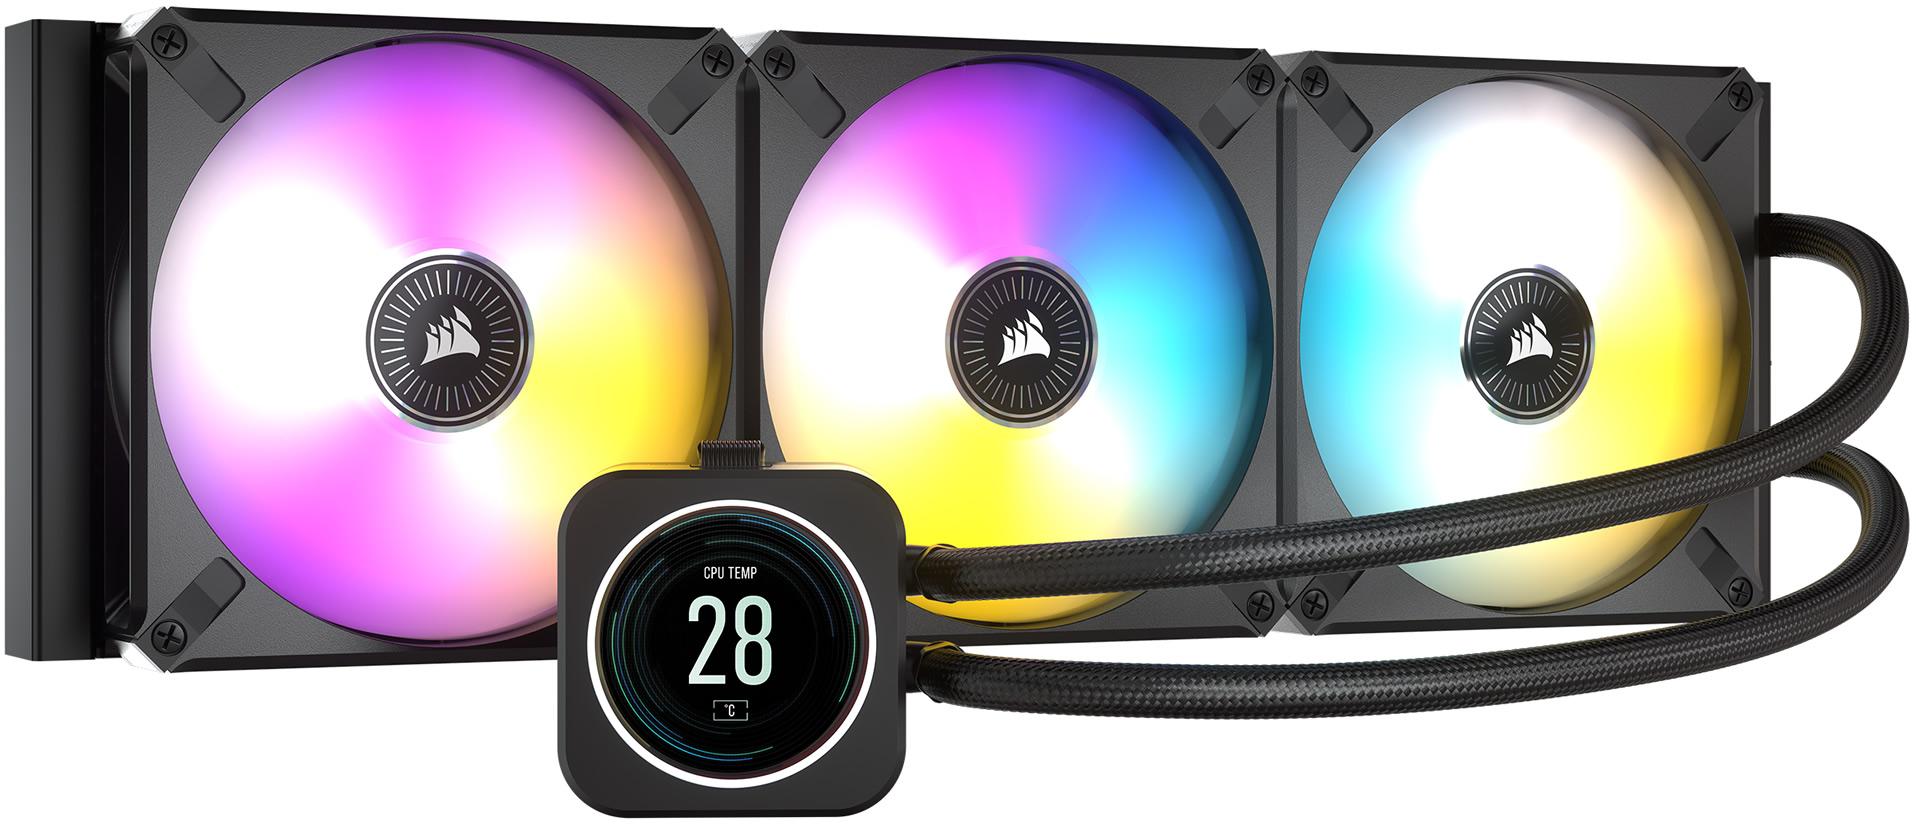 Corsair iCUE ELITE LCD: Líquida con pantalla IPS de 2,1 pulgadas